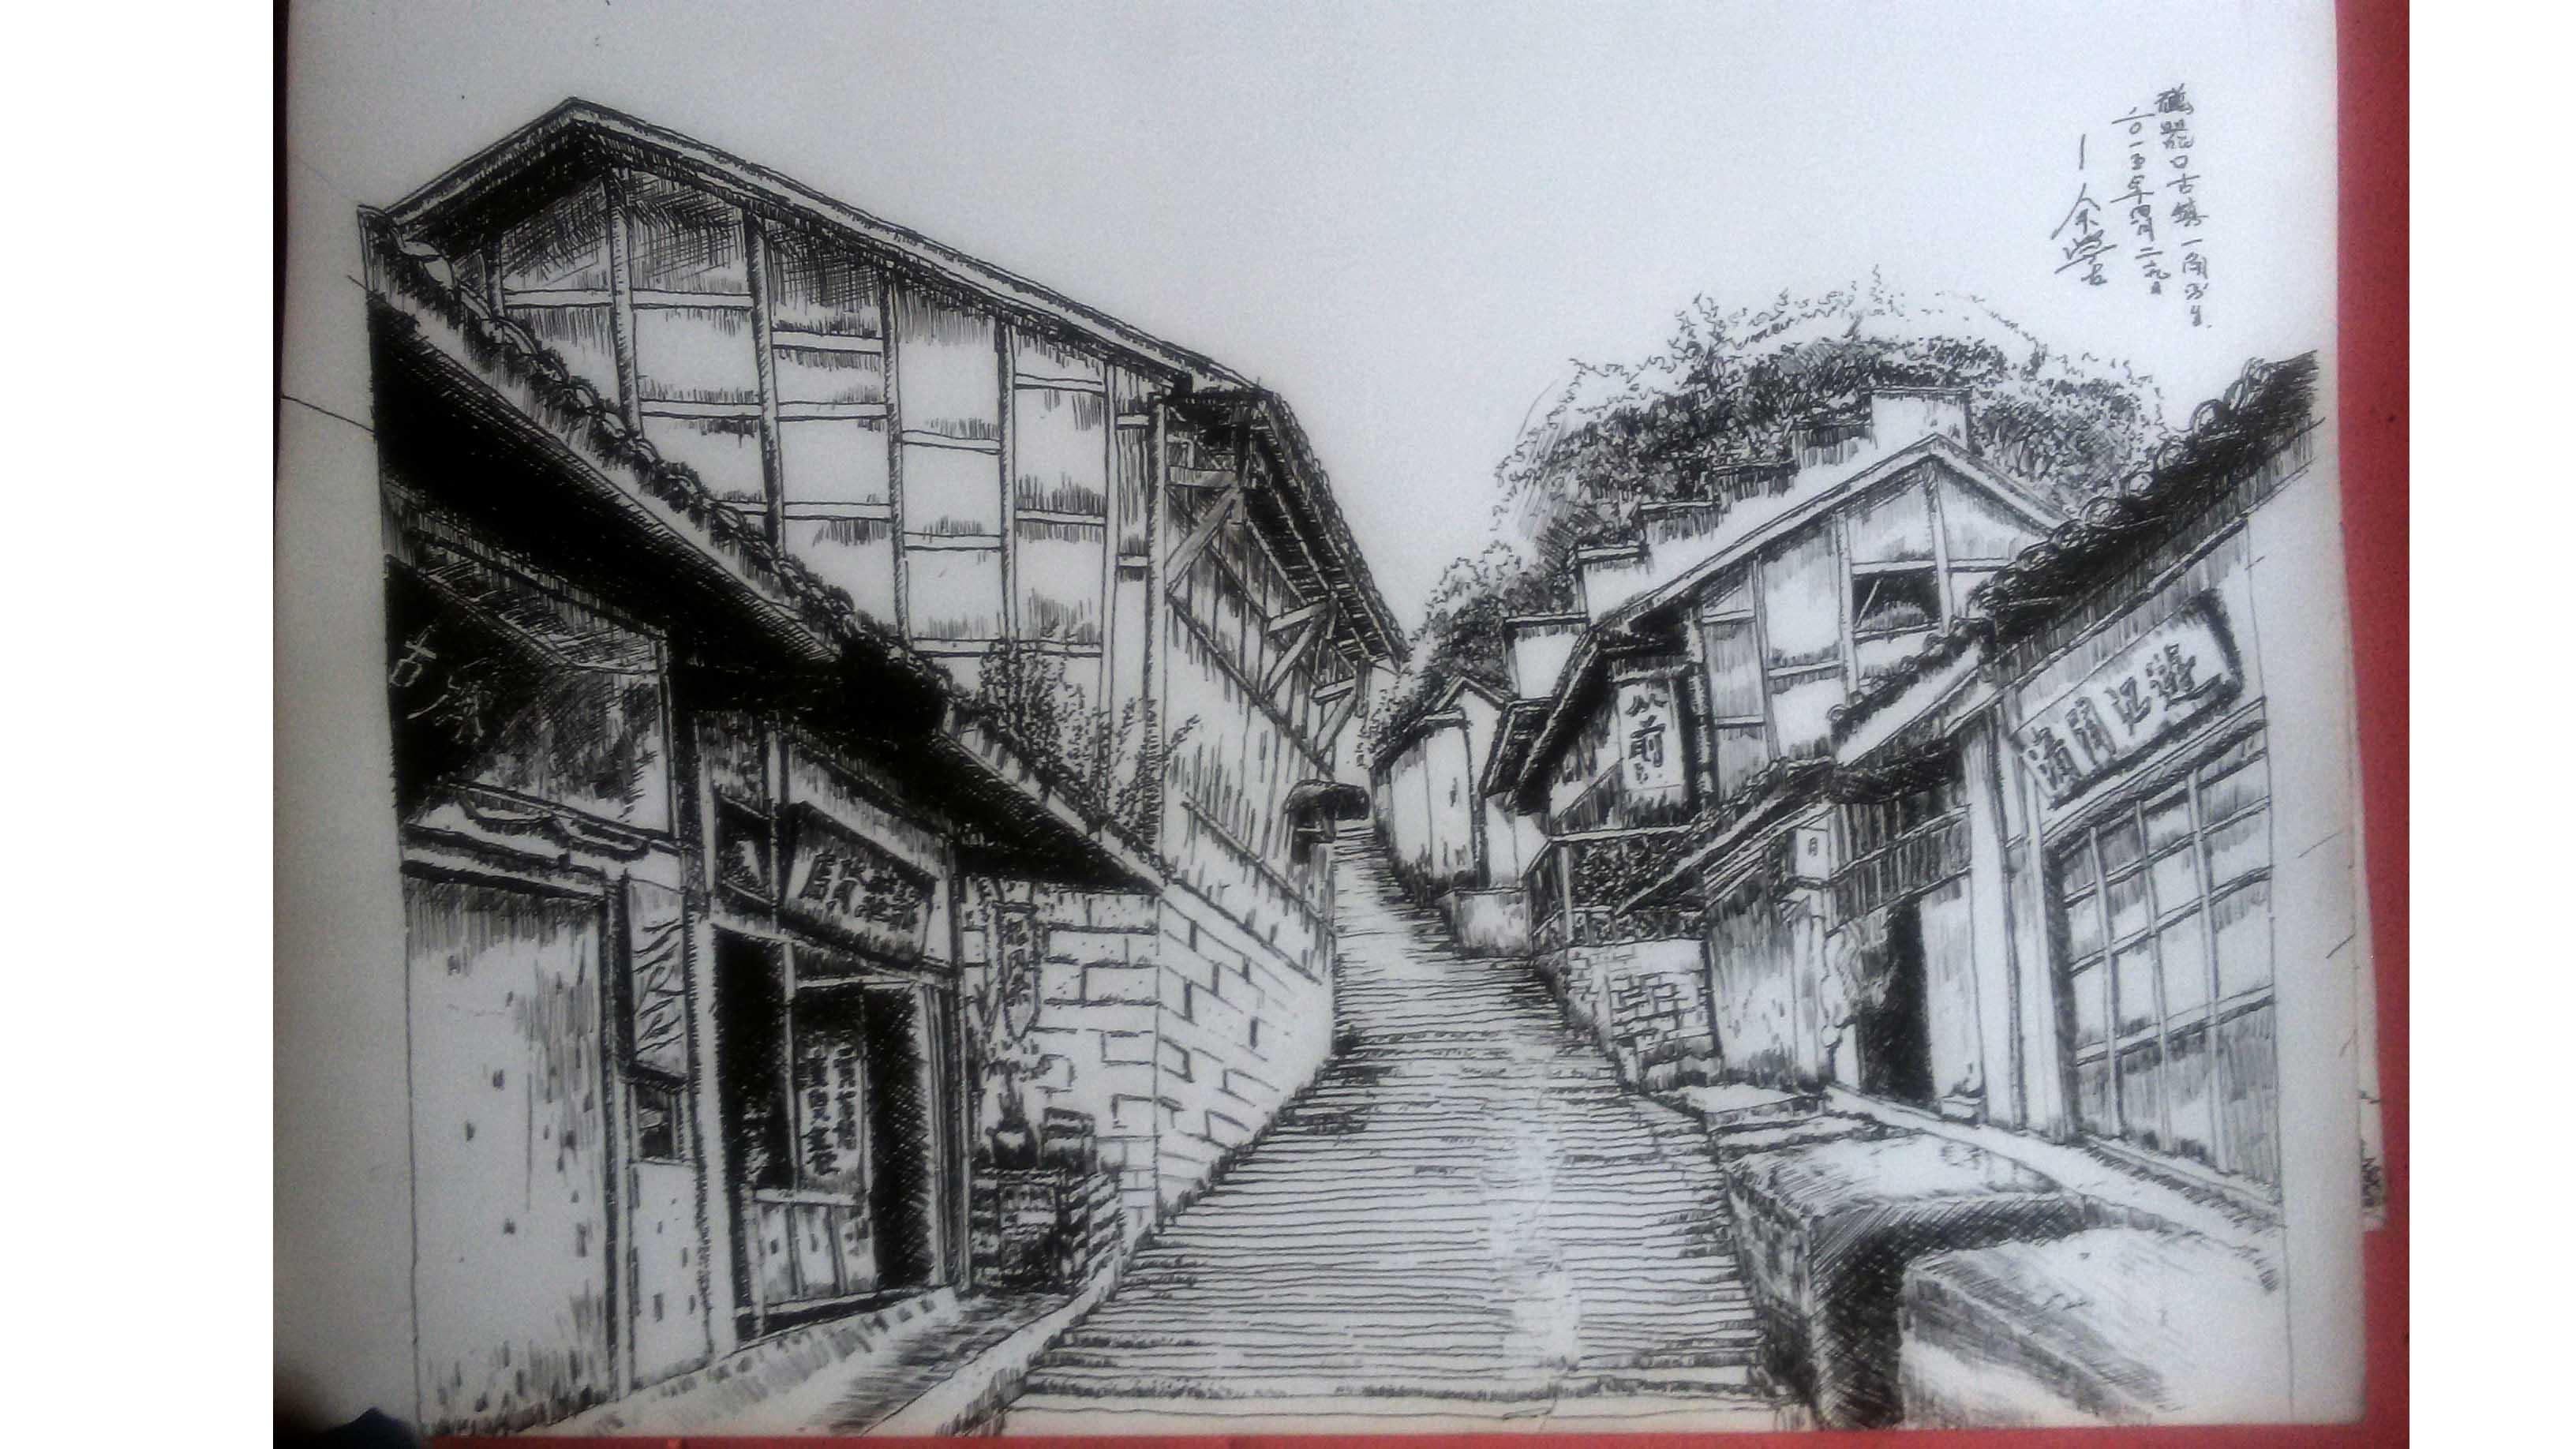 重庆磁器口古镇一角手绘图